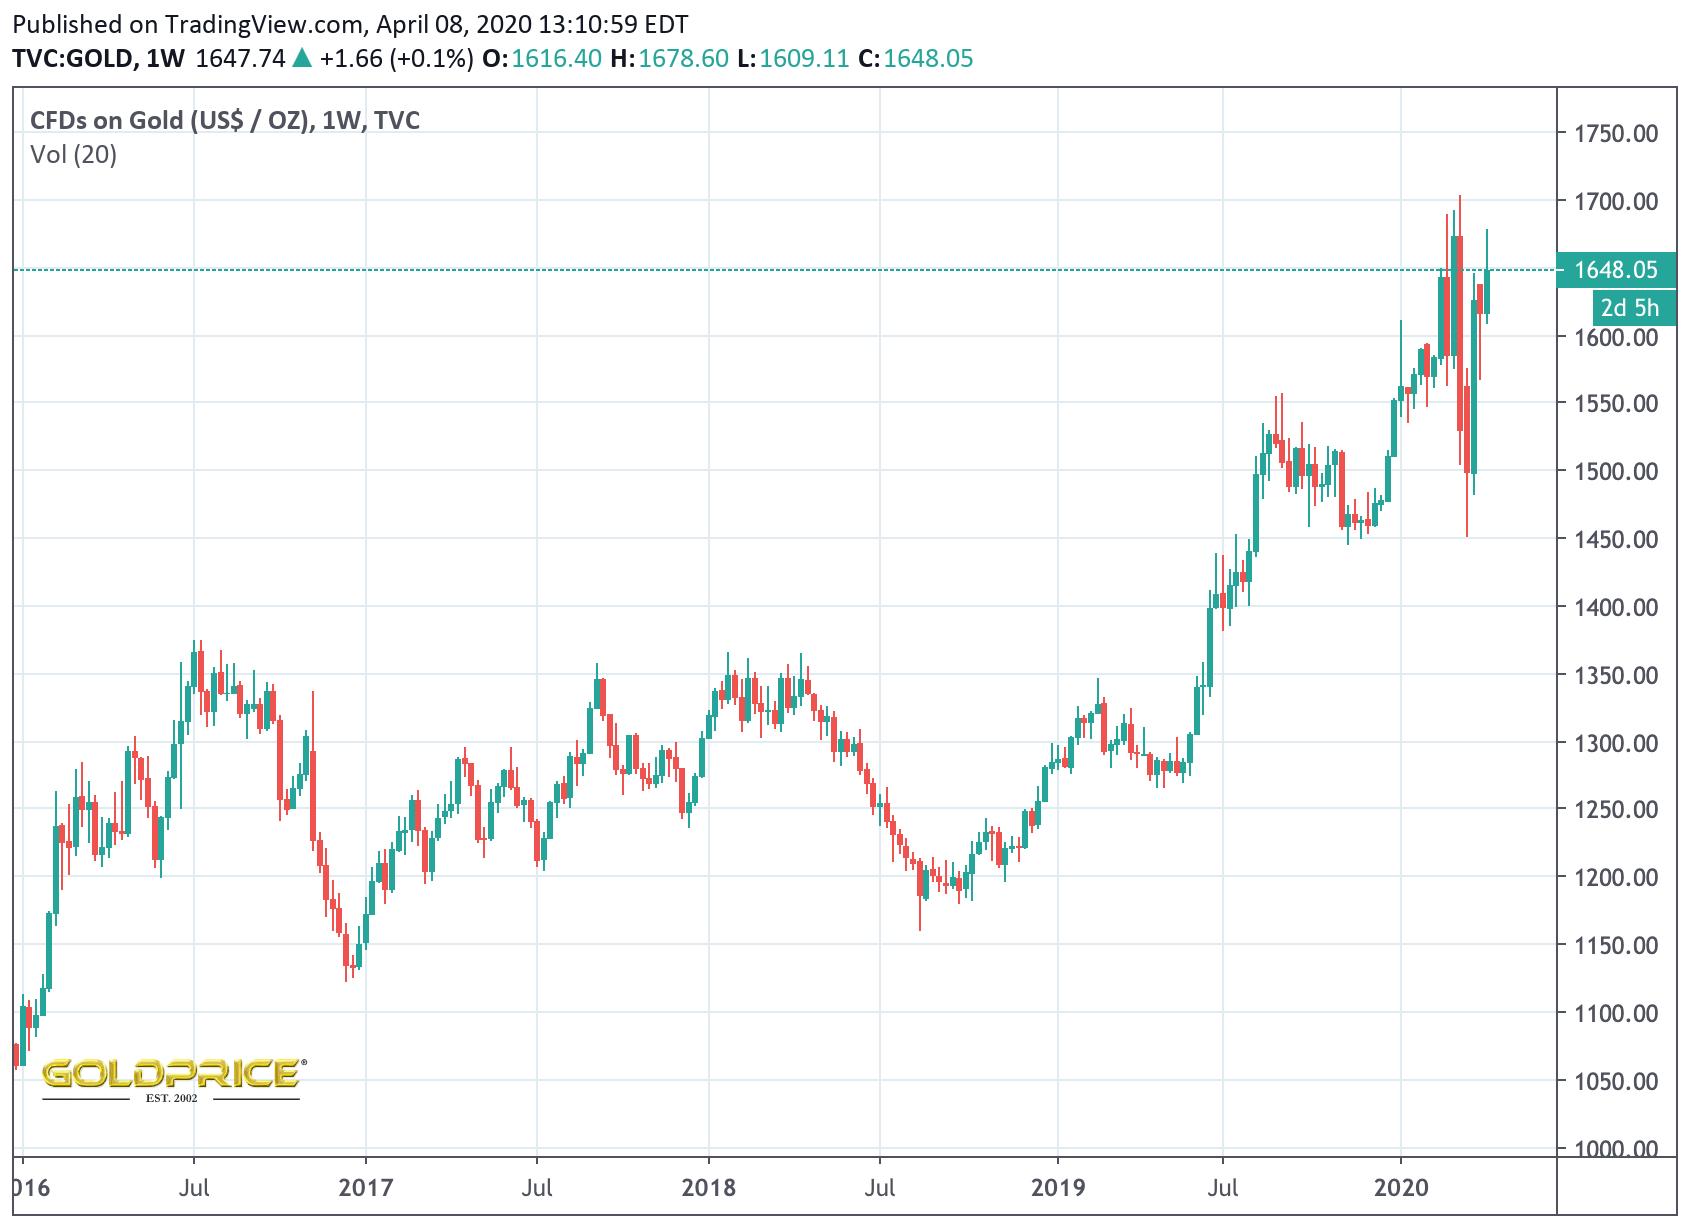 Gold Price April 2020